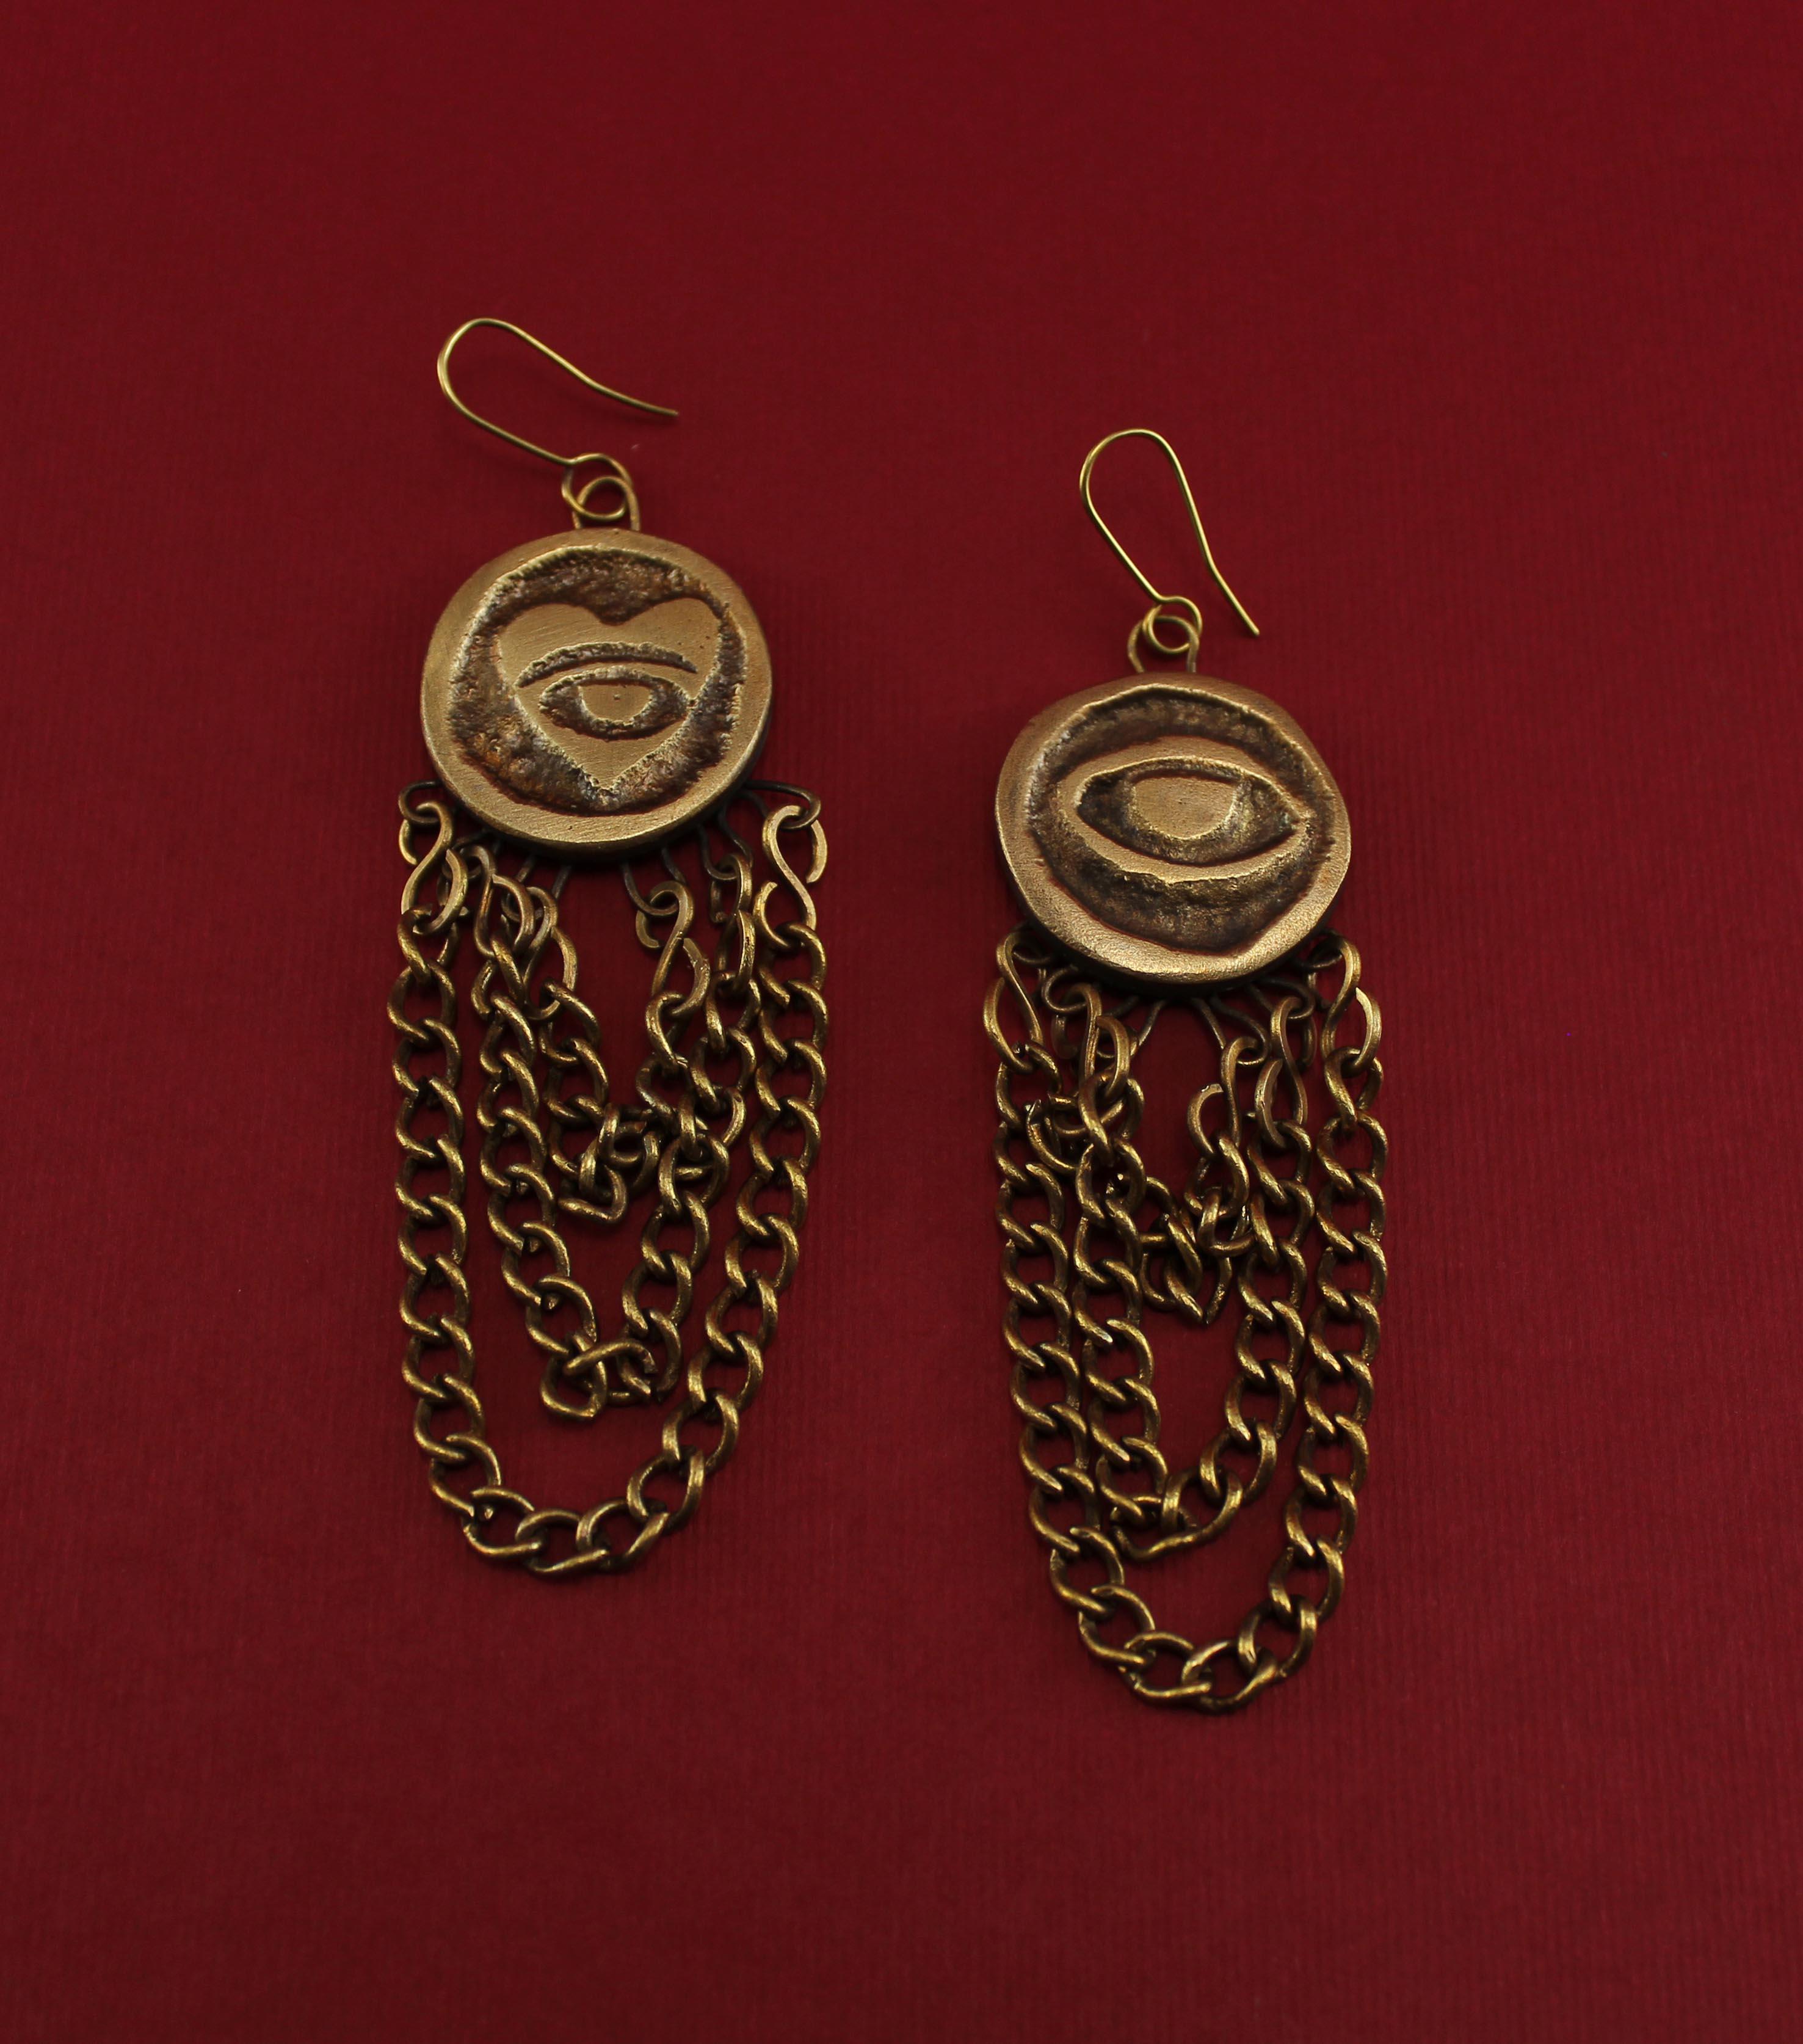 Ghamedt Eiony Earrings